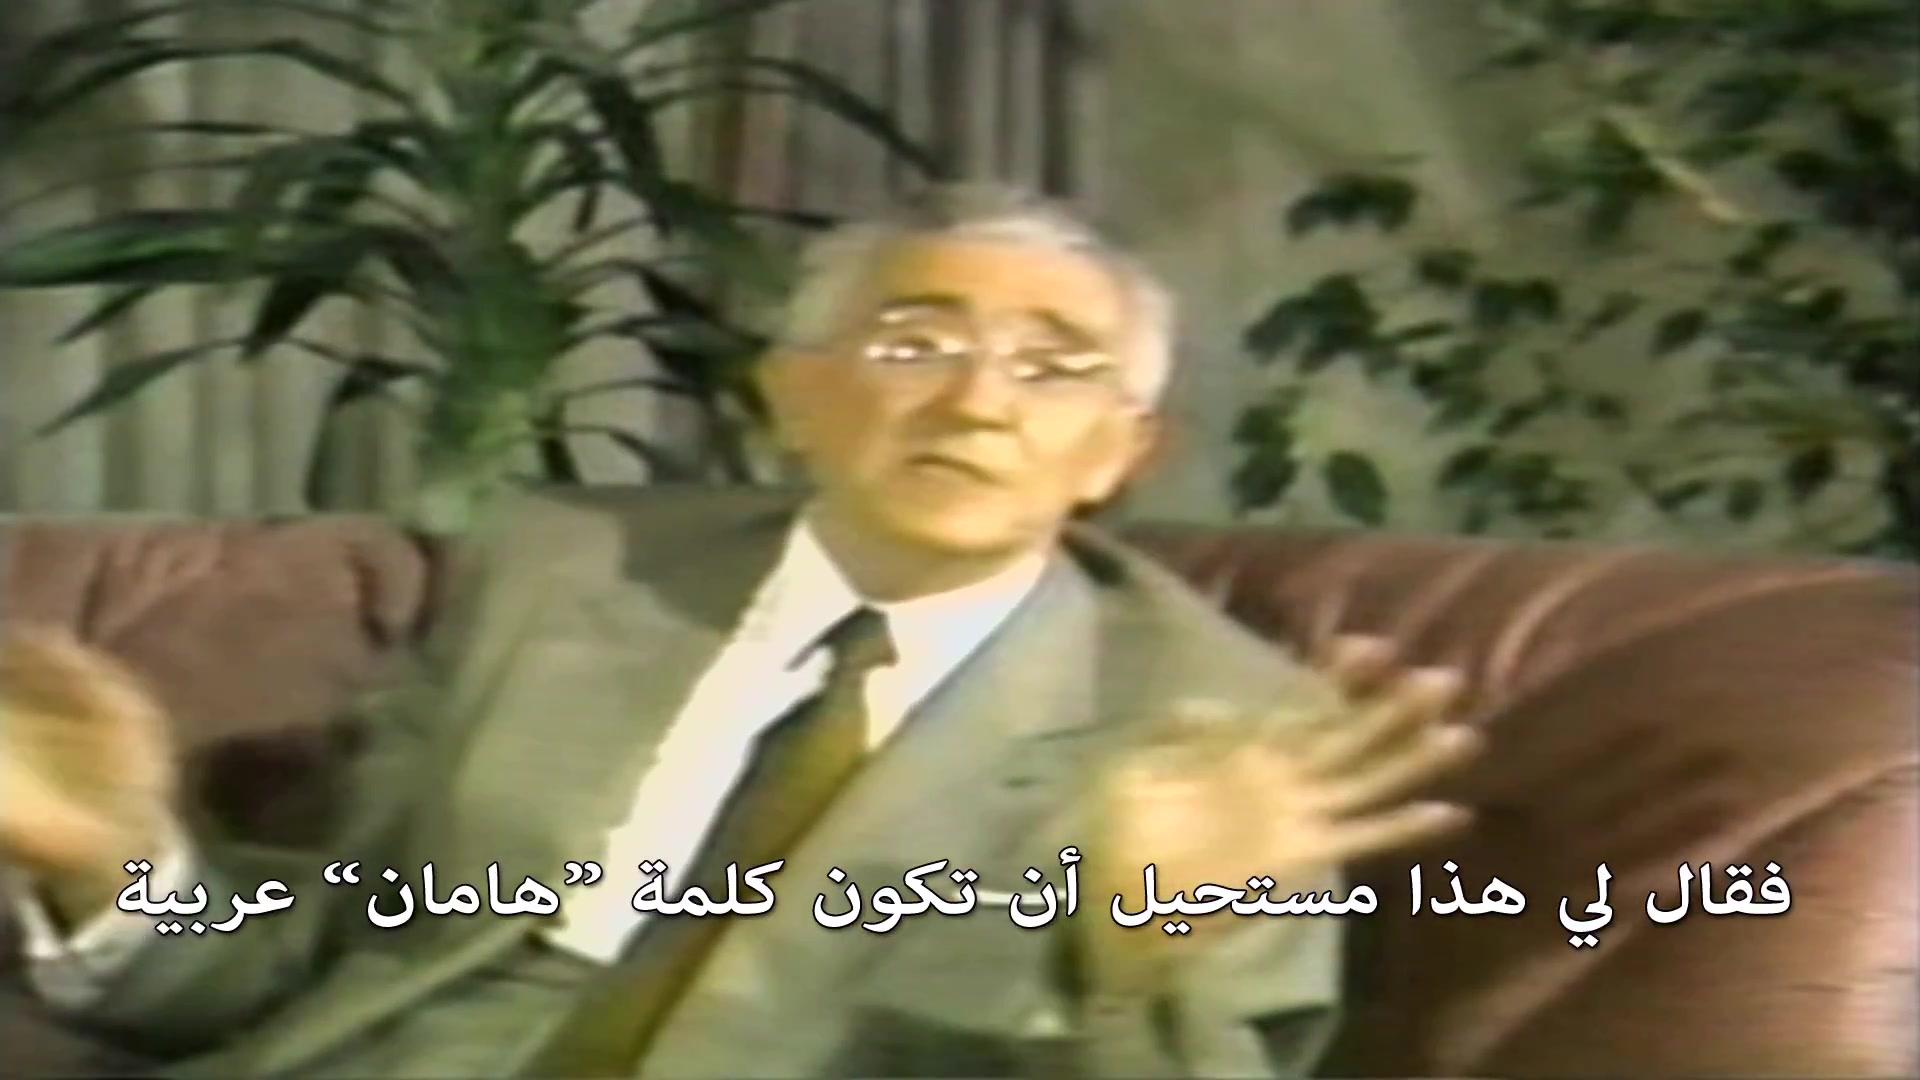 مفاجأة! قصة هامان بلسان موريس بوكاي الفرنسي والمفاجئة التي جعلته يعلن إسلامه!